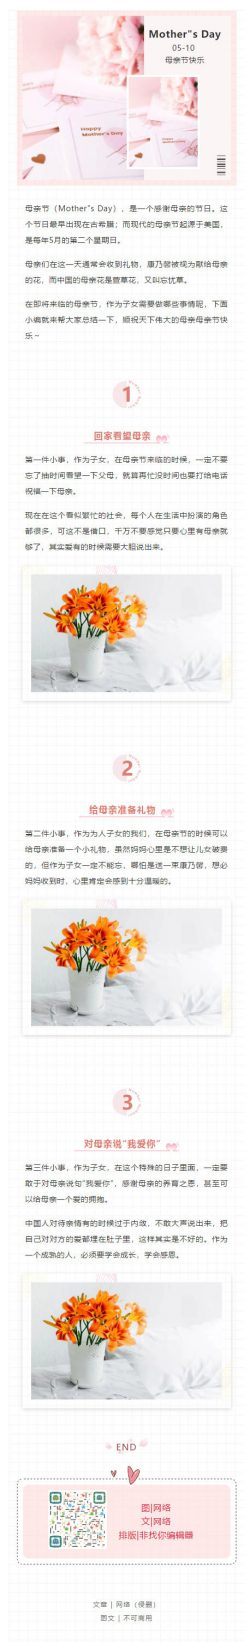 """母亲节(Mother""""s Day)康乃馨粉色粉红风格微信推文推送图文模板"""